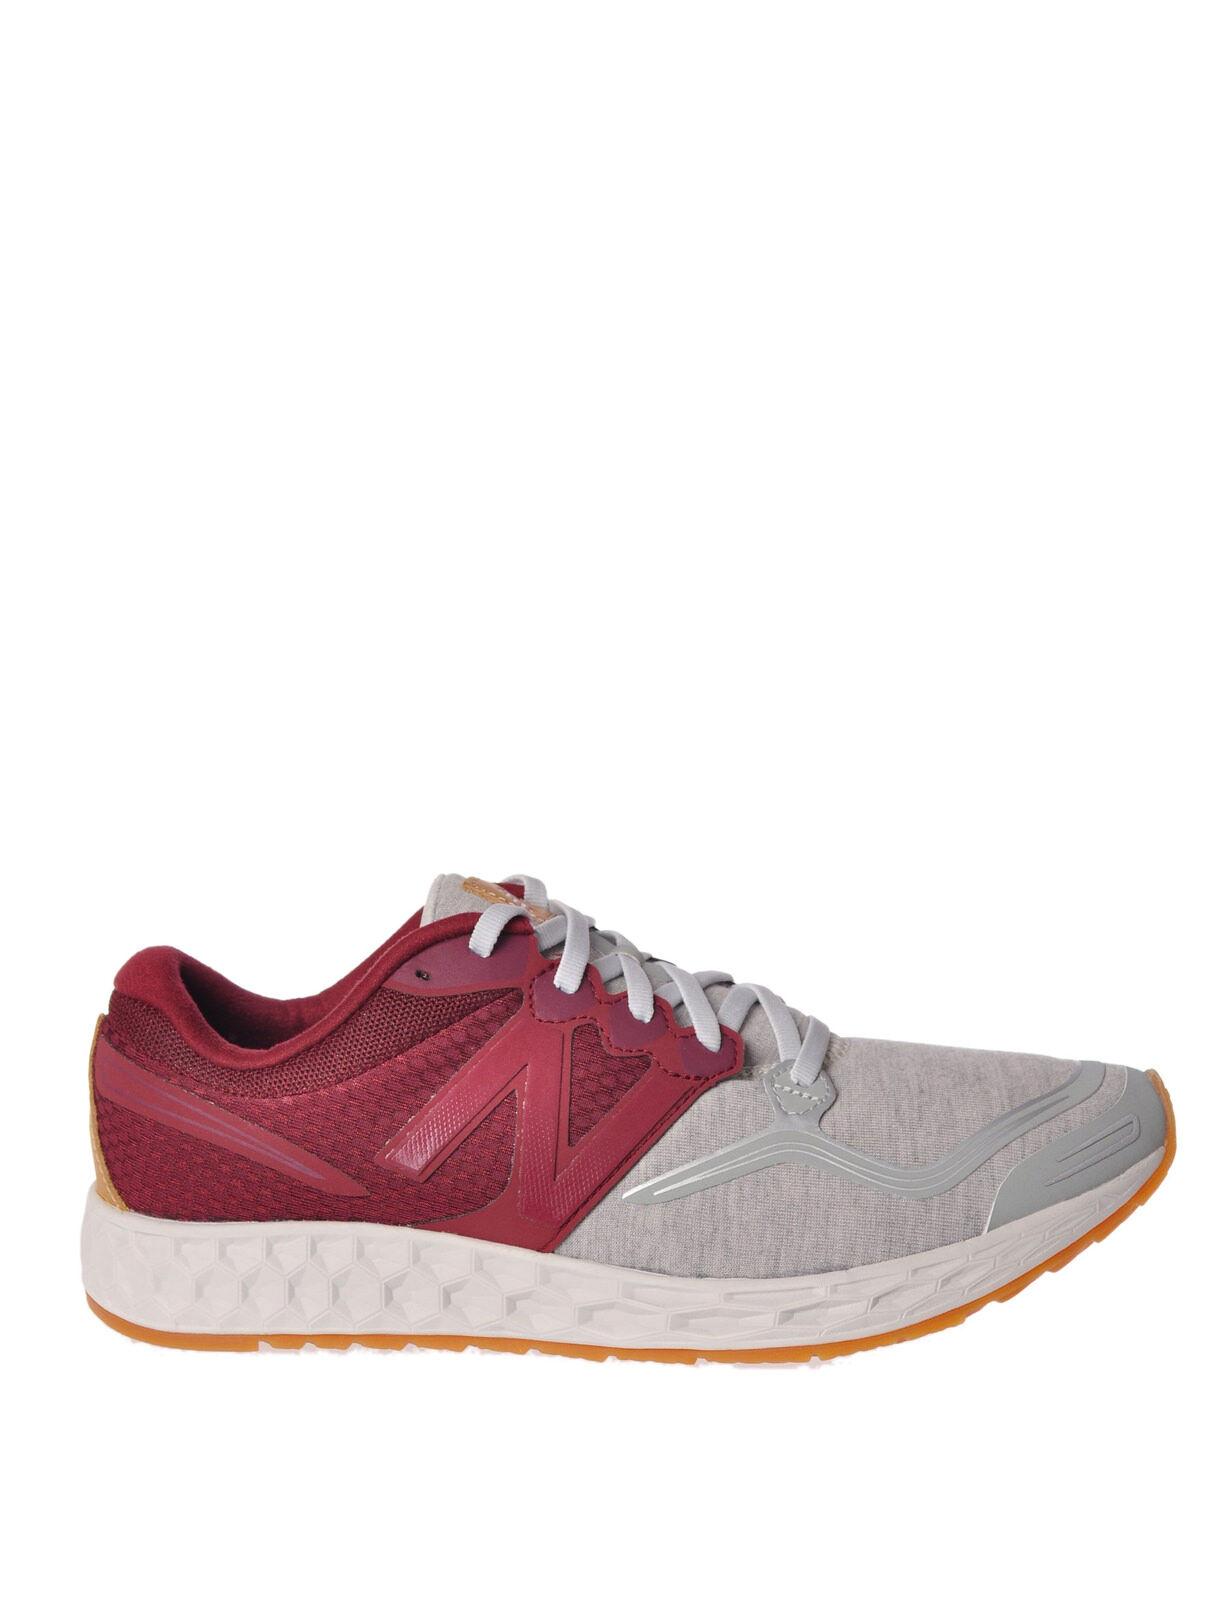 vendita di fama mondiale online New Balance - - - scarpe-scarpe da ginnastica low - Donna - rosso - 453515C184445  gli ultimi modelli